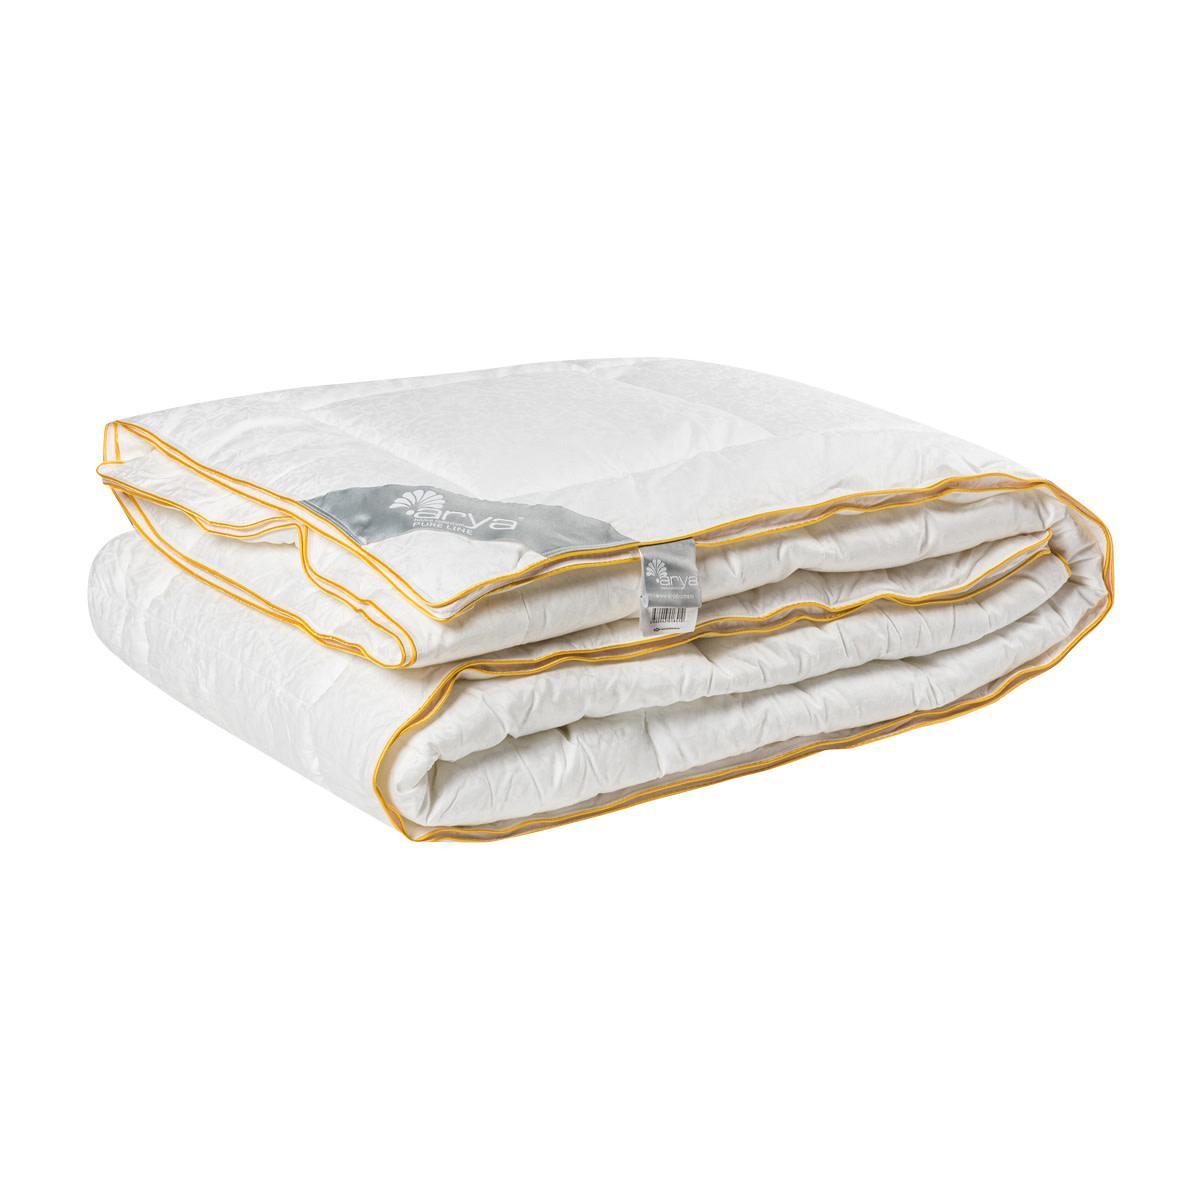 Одеяло Arya home collection Imperius 215х155 см силиконизированное волокно